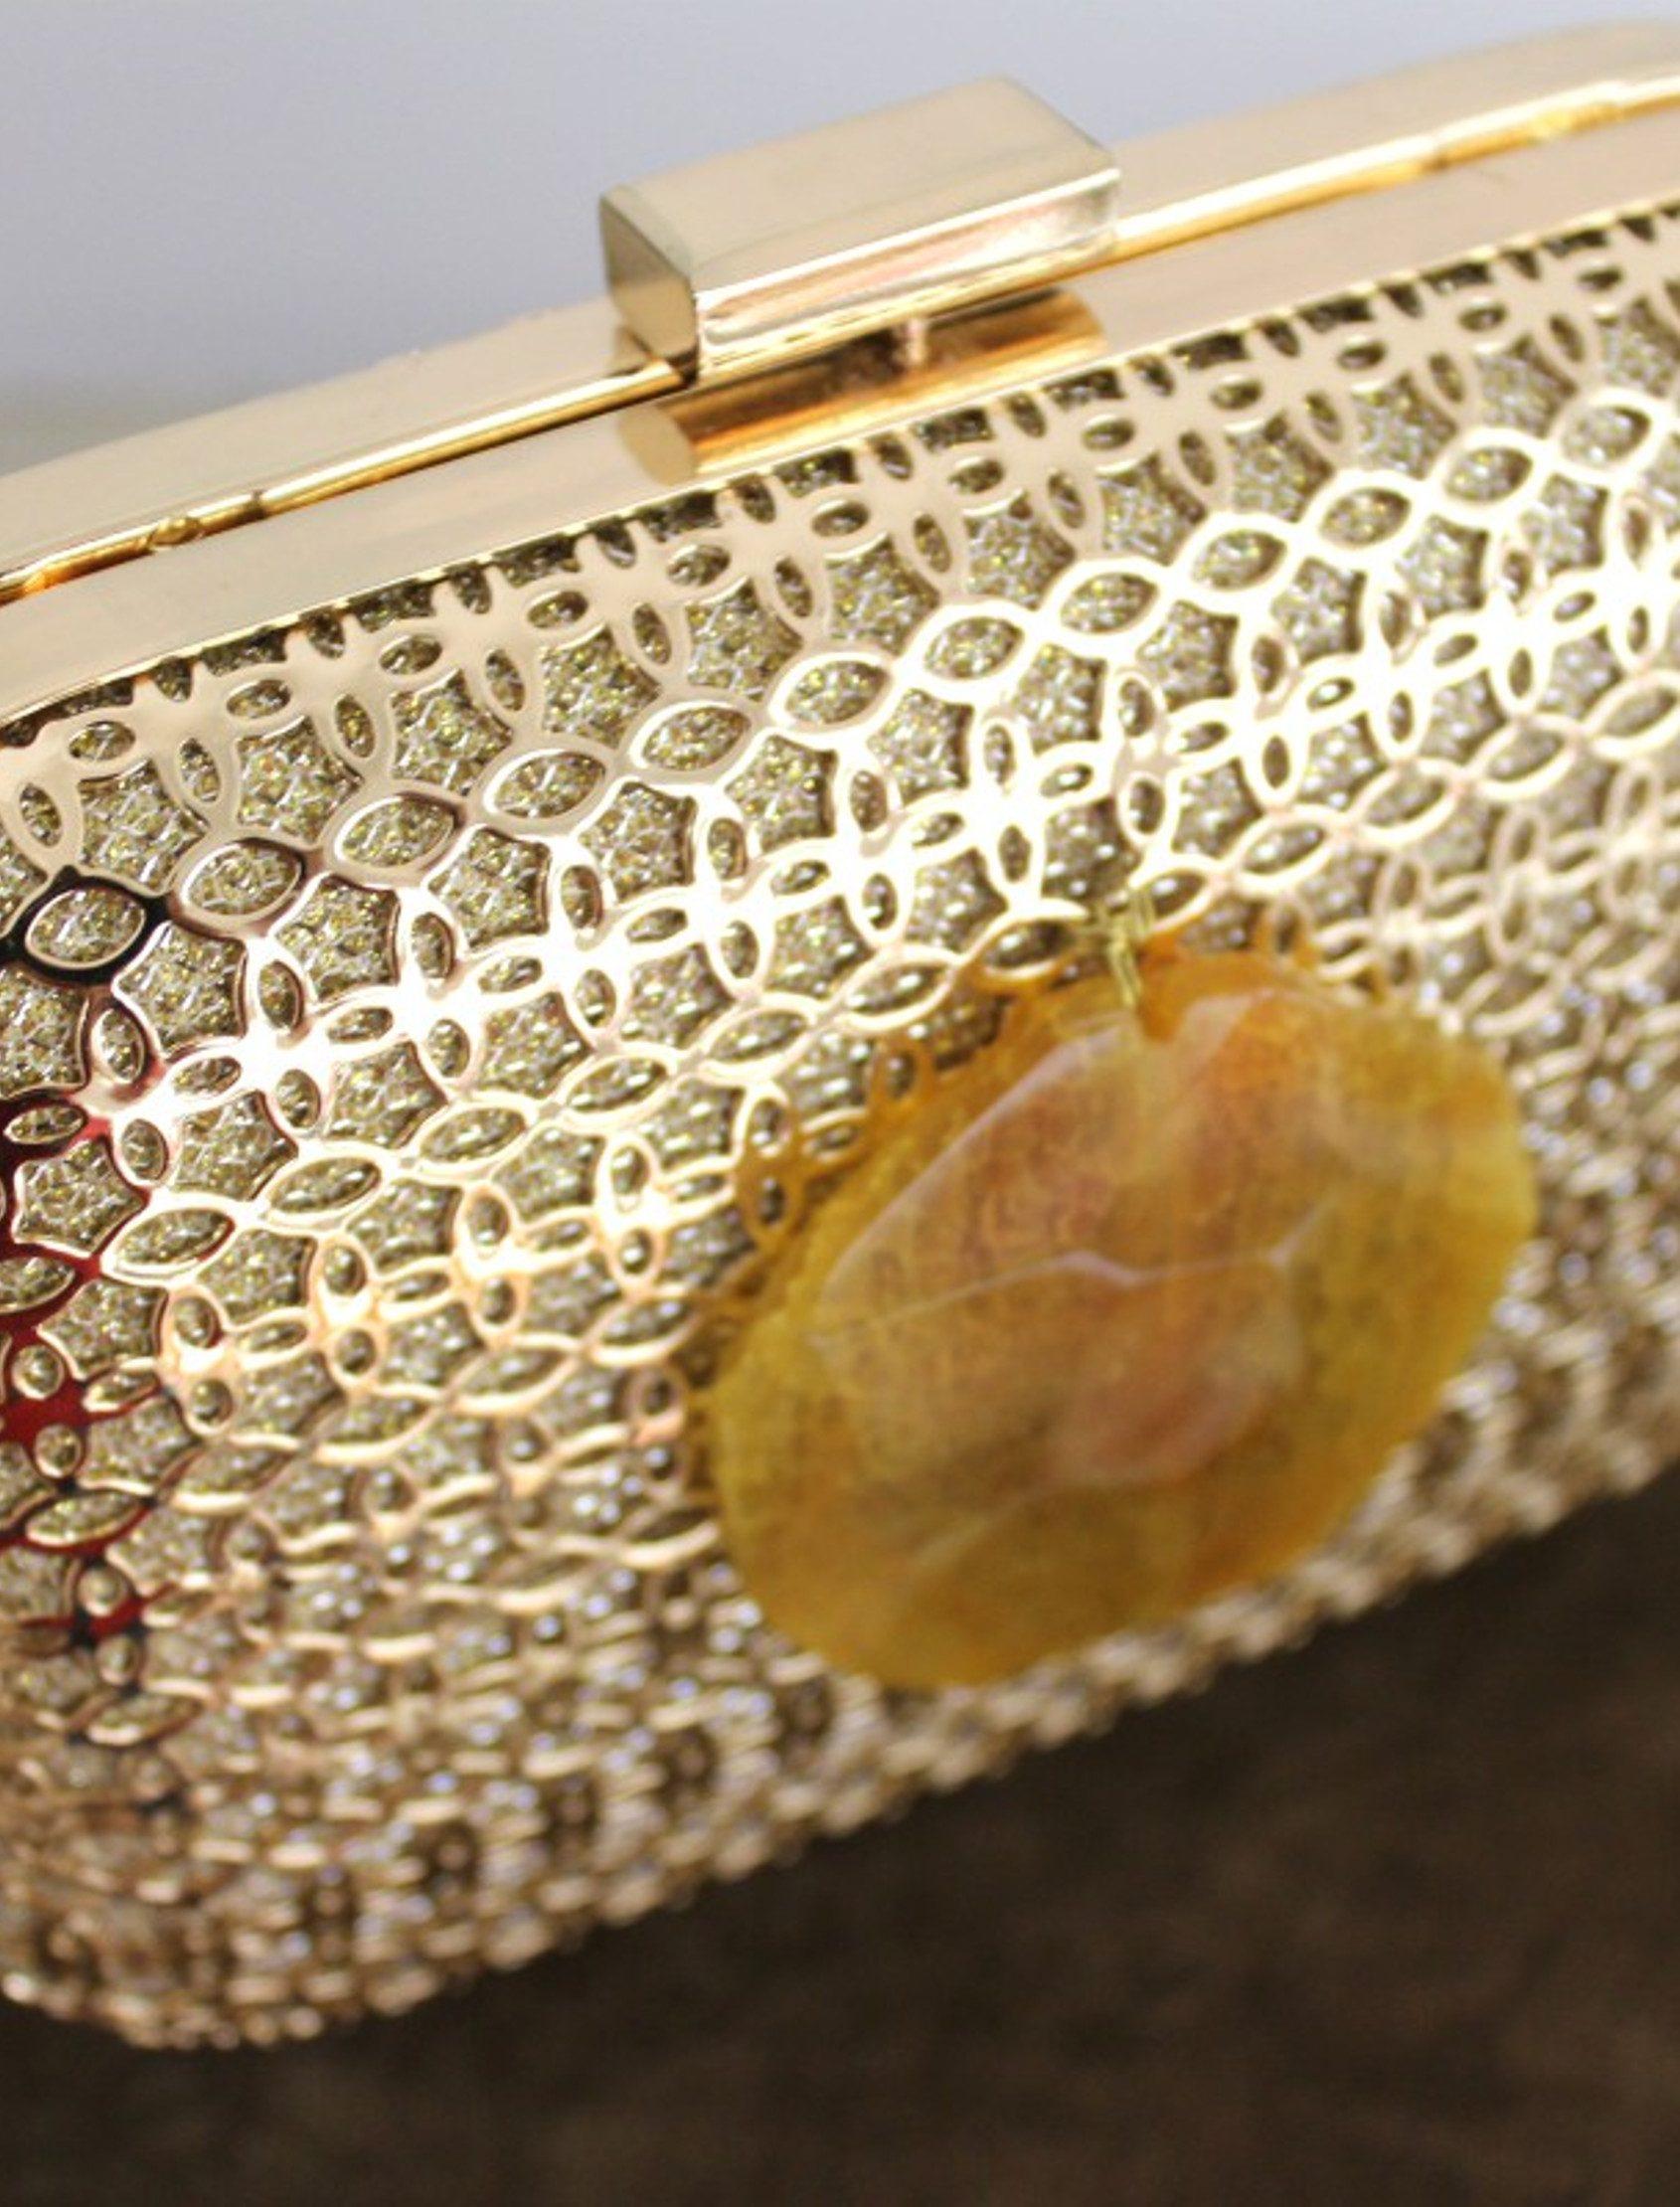 Clutch Geoda de cuerpo metálico calado en color oro claro, con una piedra engarzada en medio.La piedra va unida con hilo metálico.